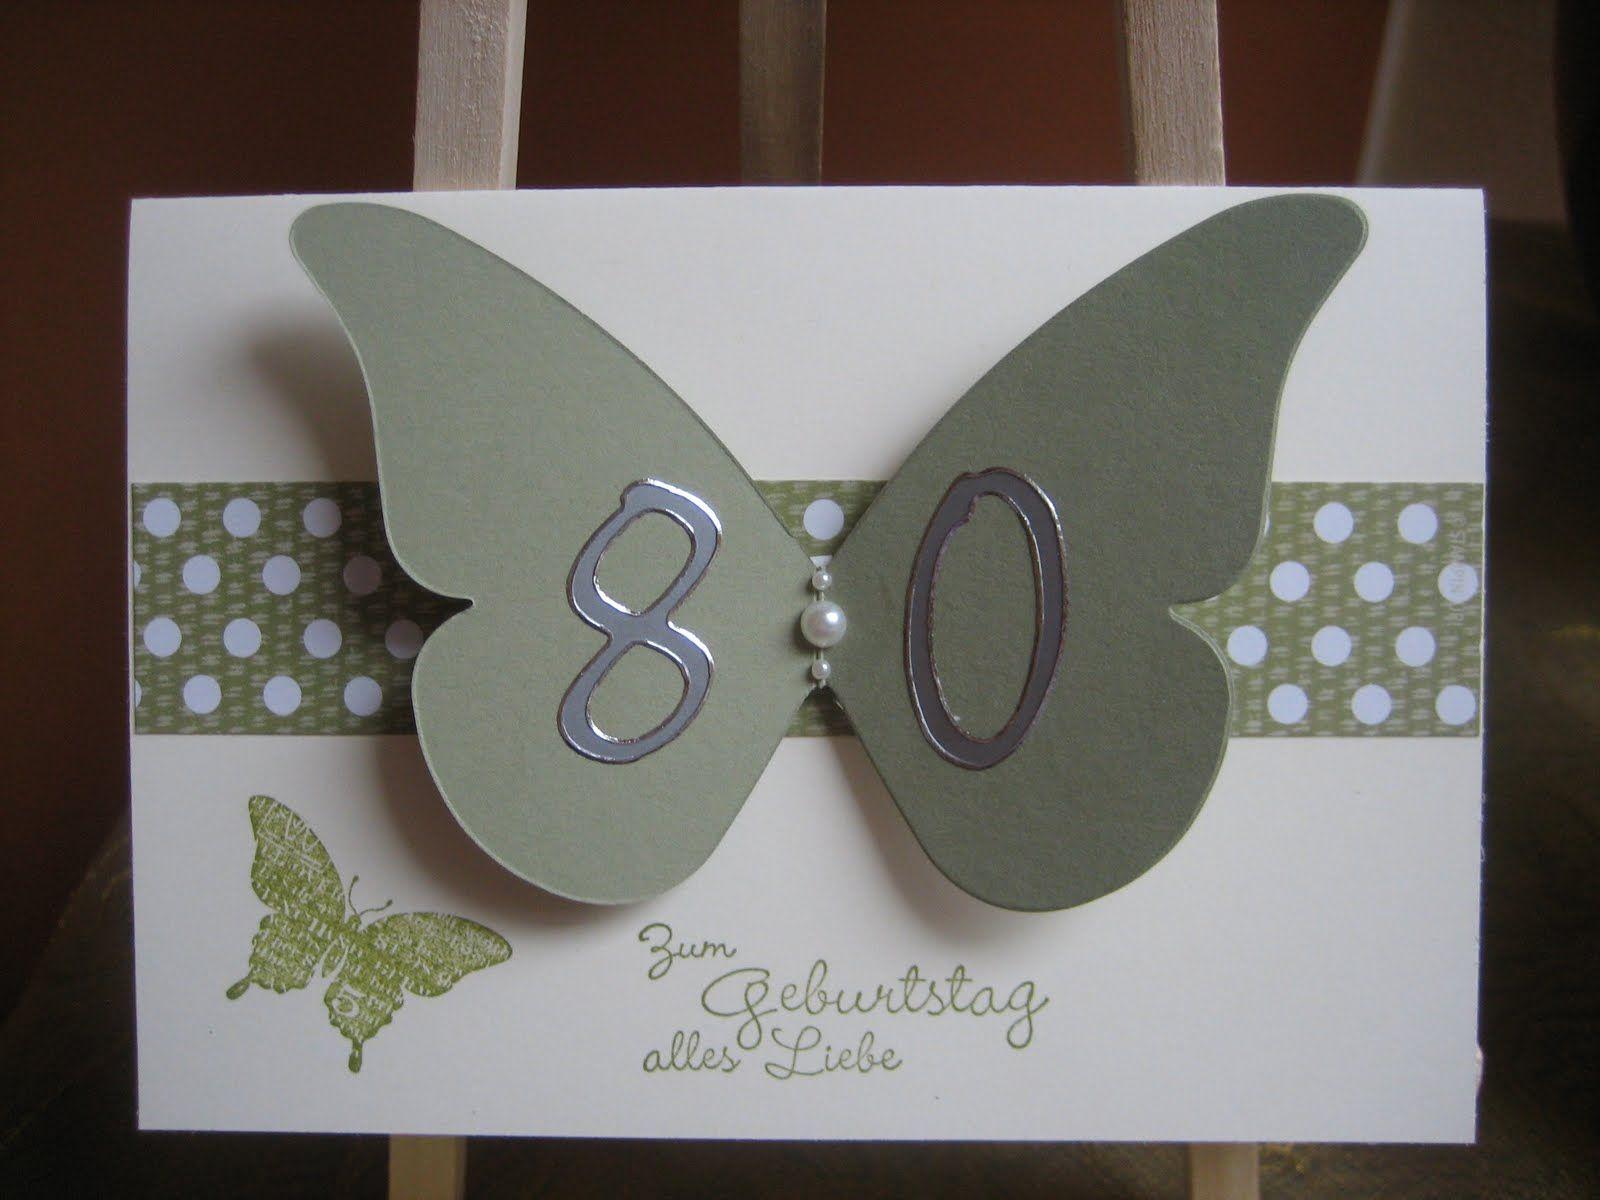 Geburtstagskarten Selber Machen | Ingeborgs Bastelecke: 80. Geburtstag